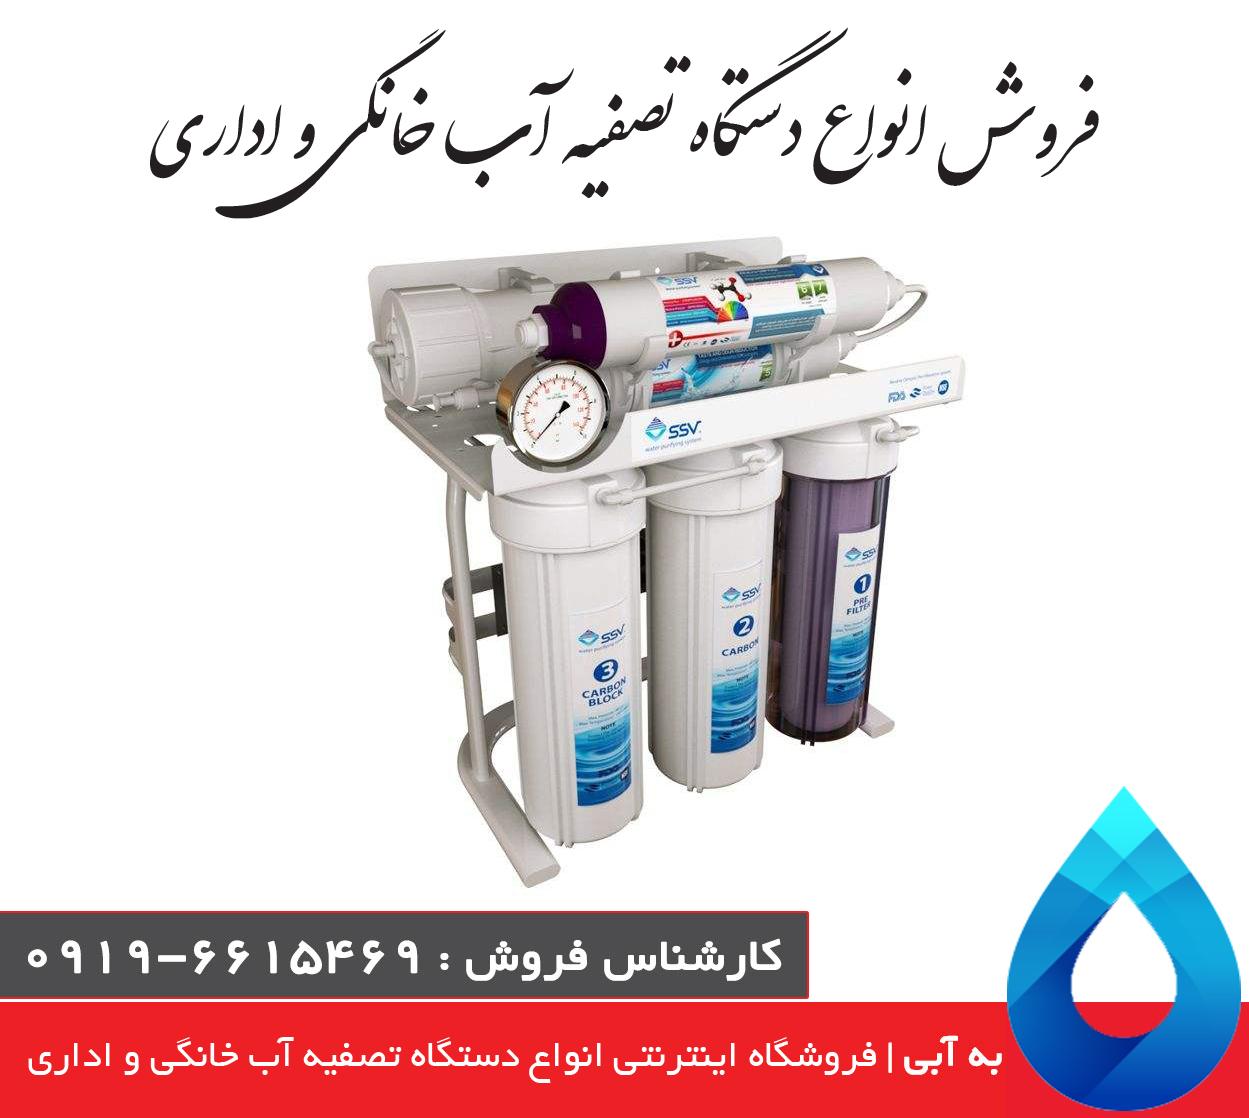 دستگاه بصرفه تصفیه آب ارزان